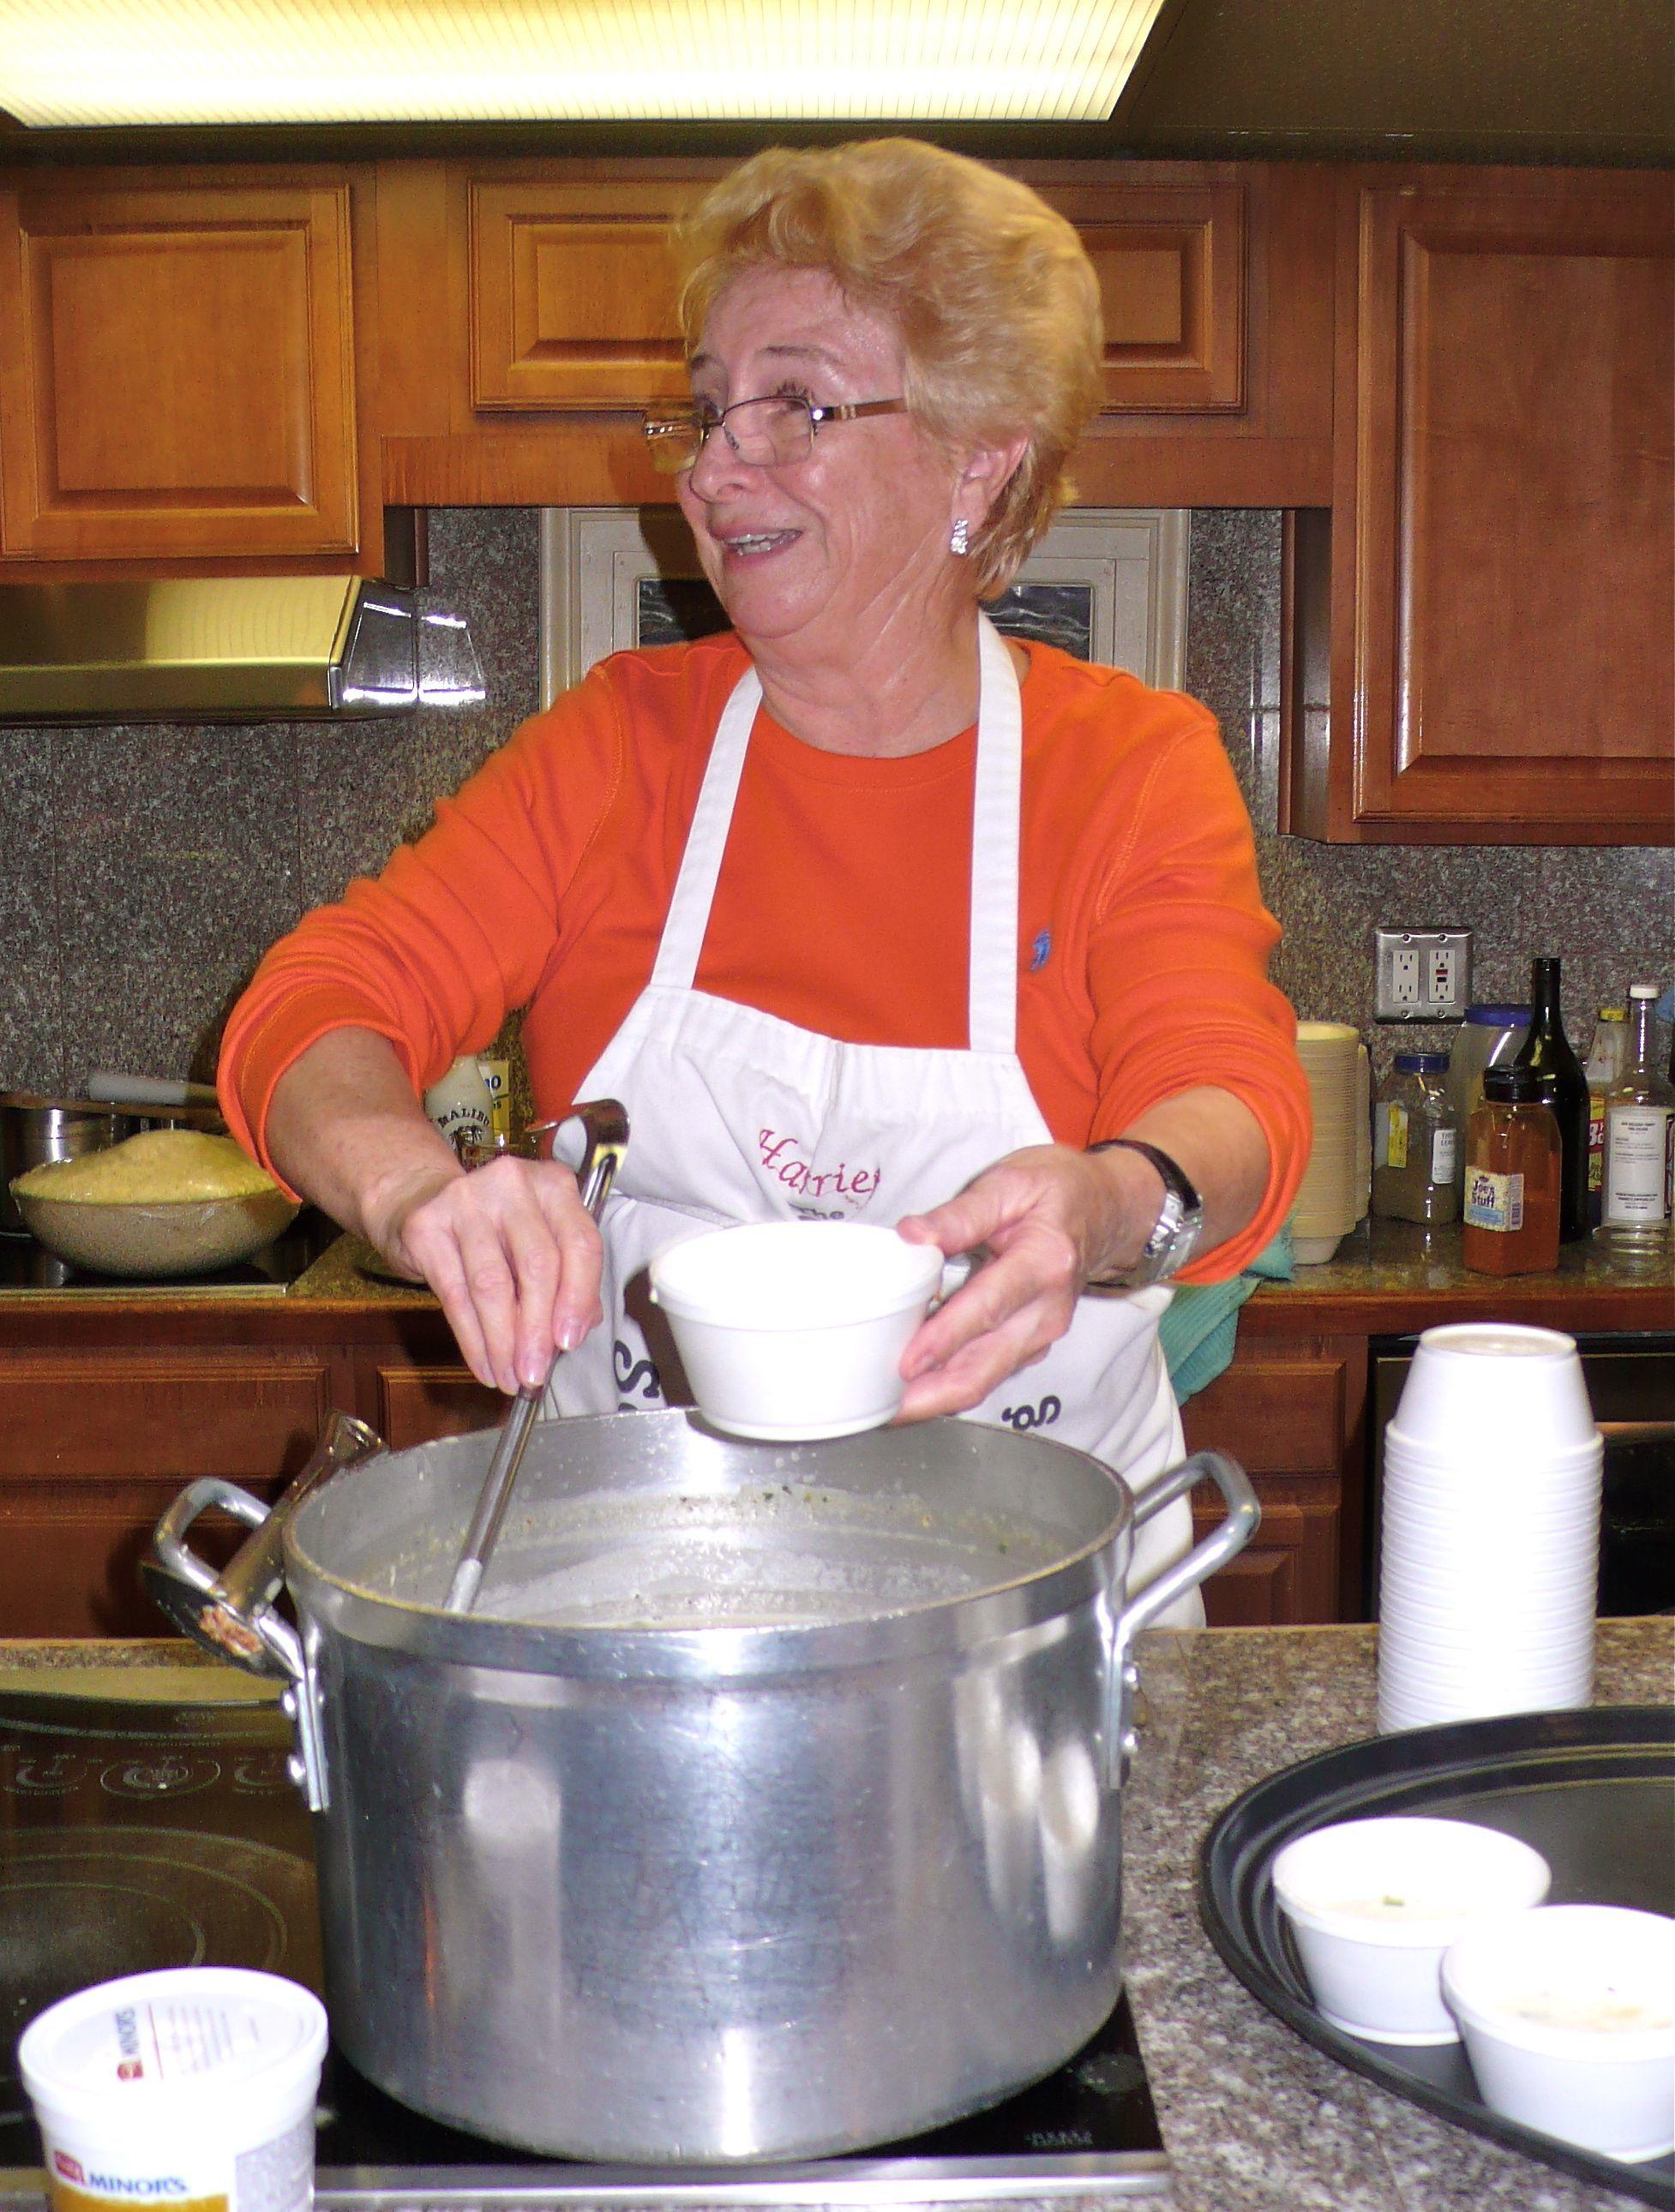 cajun_cooking_grandma